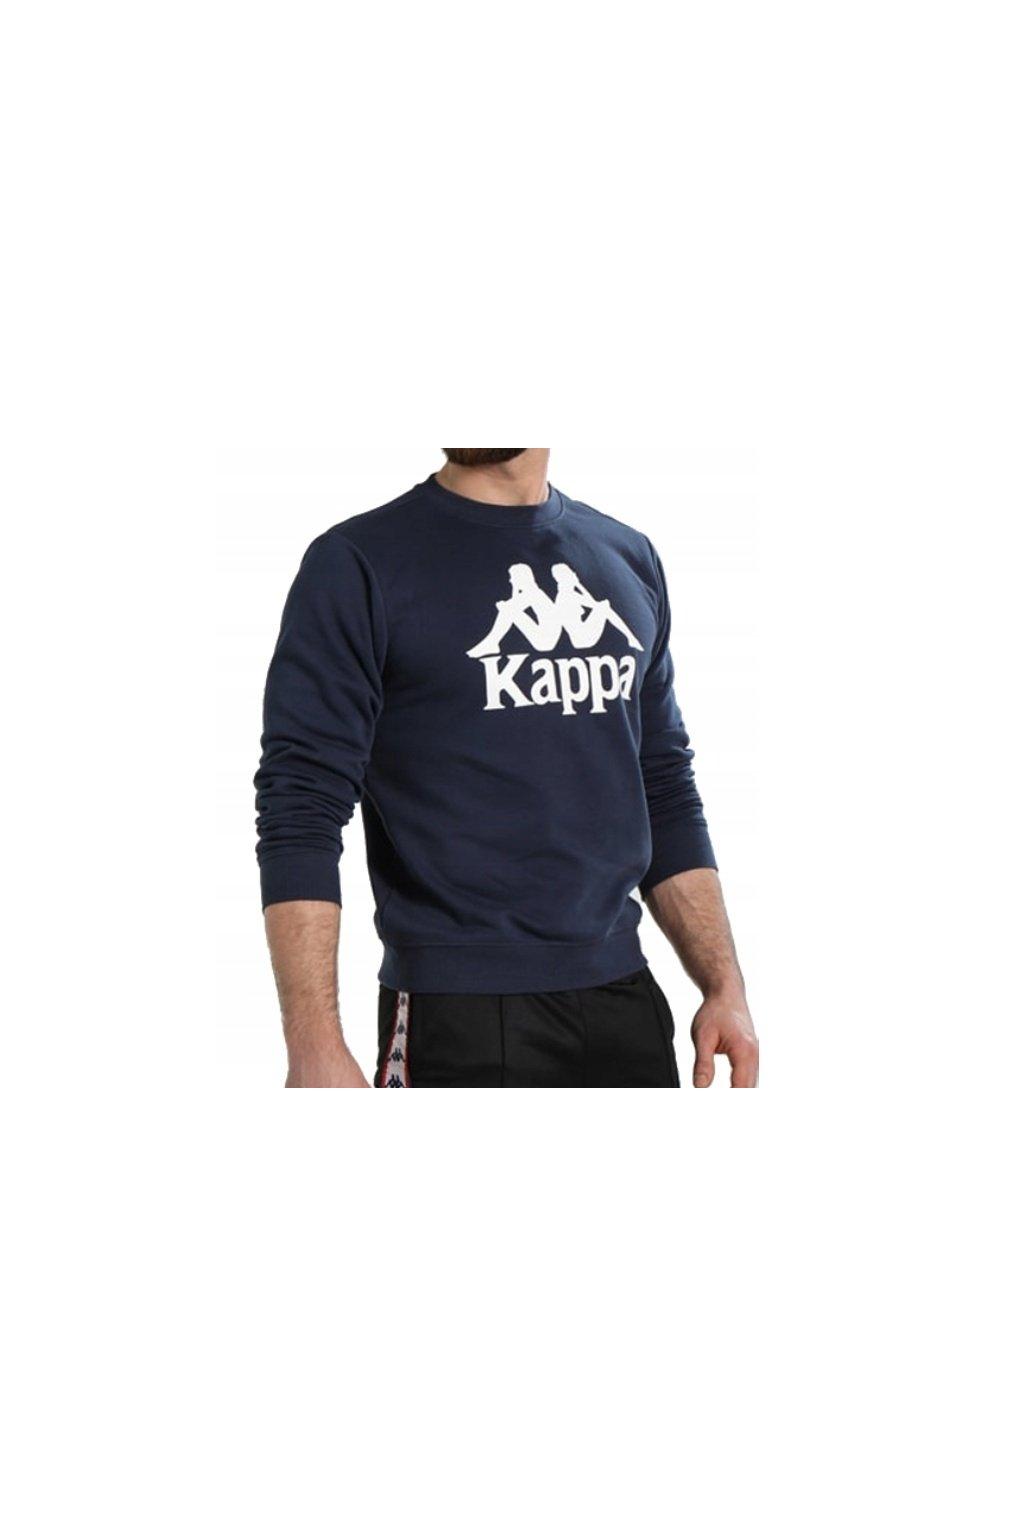 d9f9b23aae9f9 Pánska mikina KAPPA 703797-821 - Fresh sport